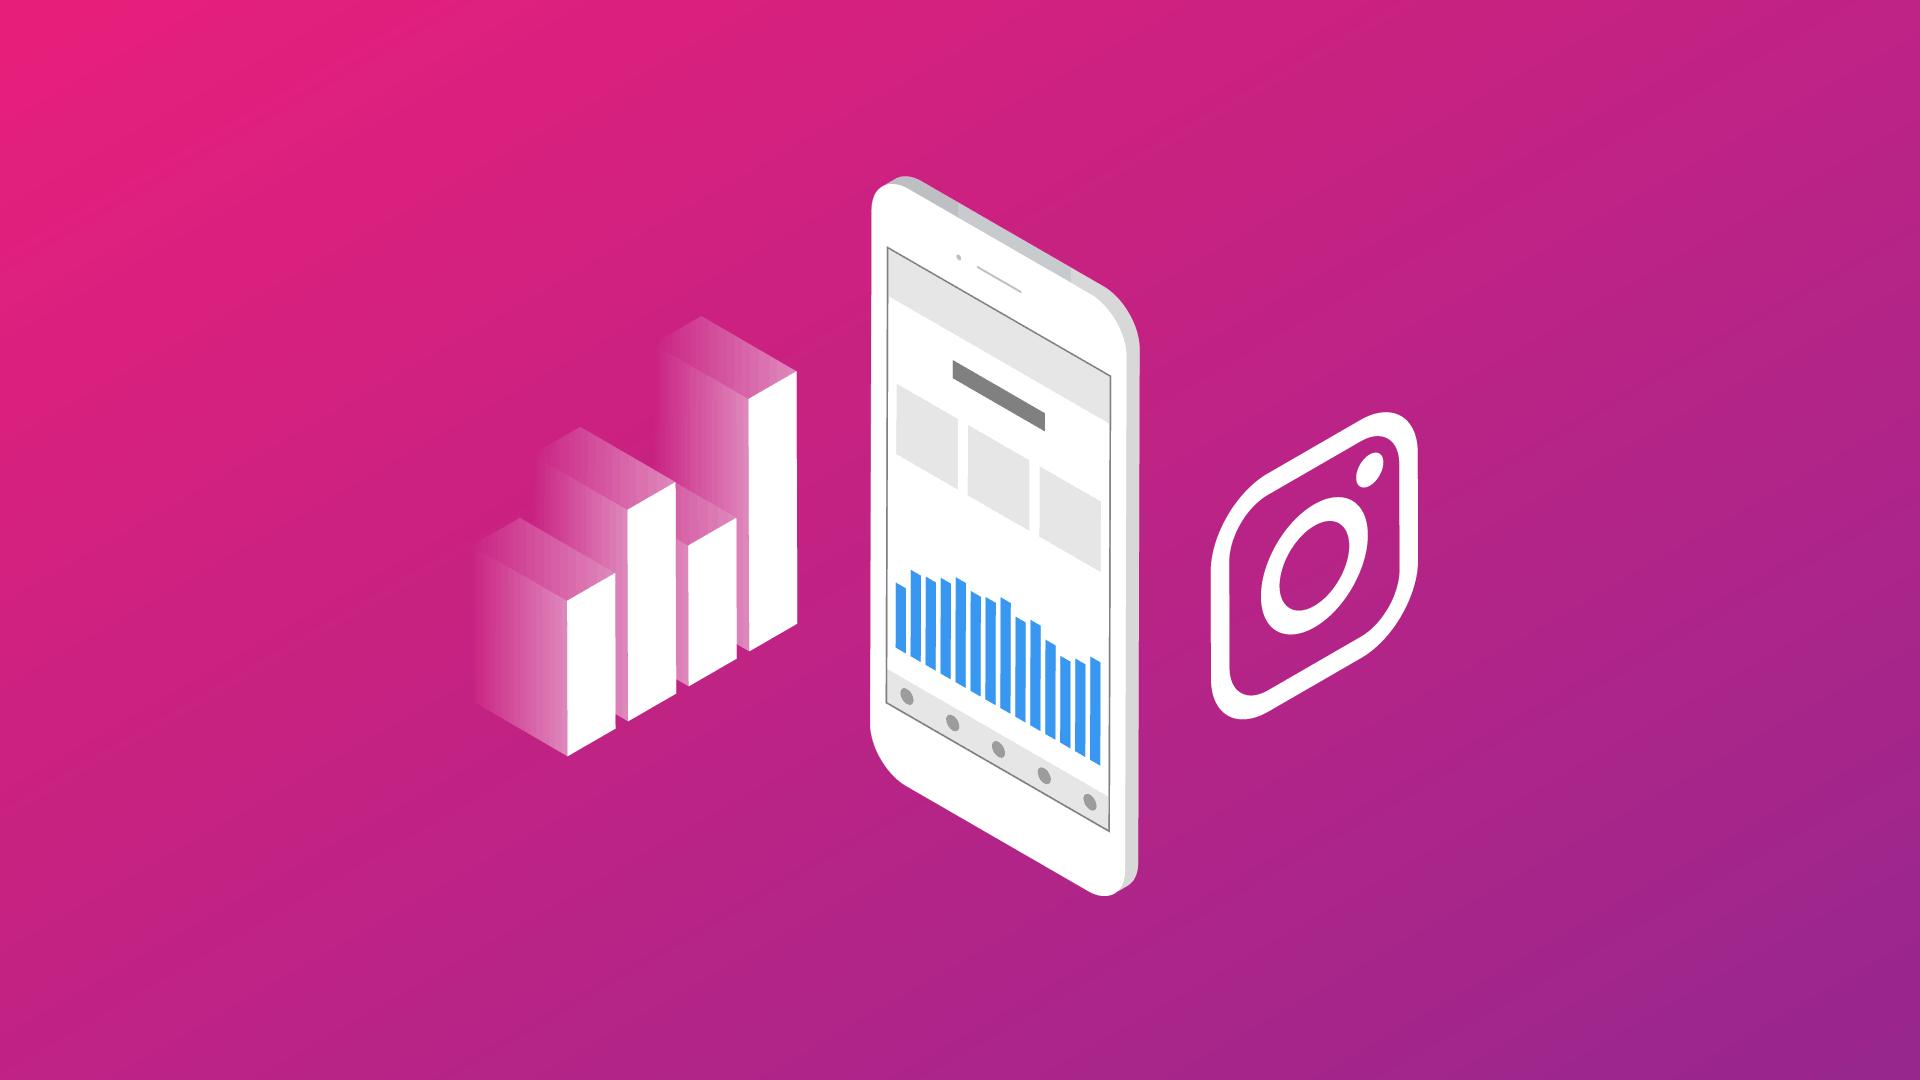 Novos recursos possibilitam maior <p><span>interação e produtividade</span></p> entre os usuários!